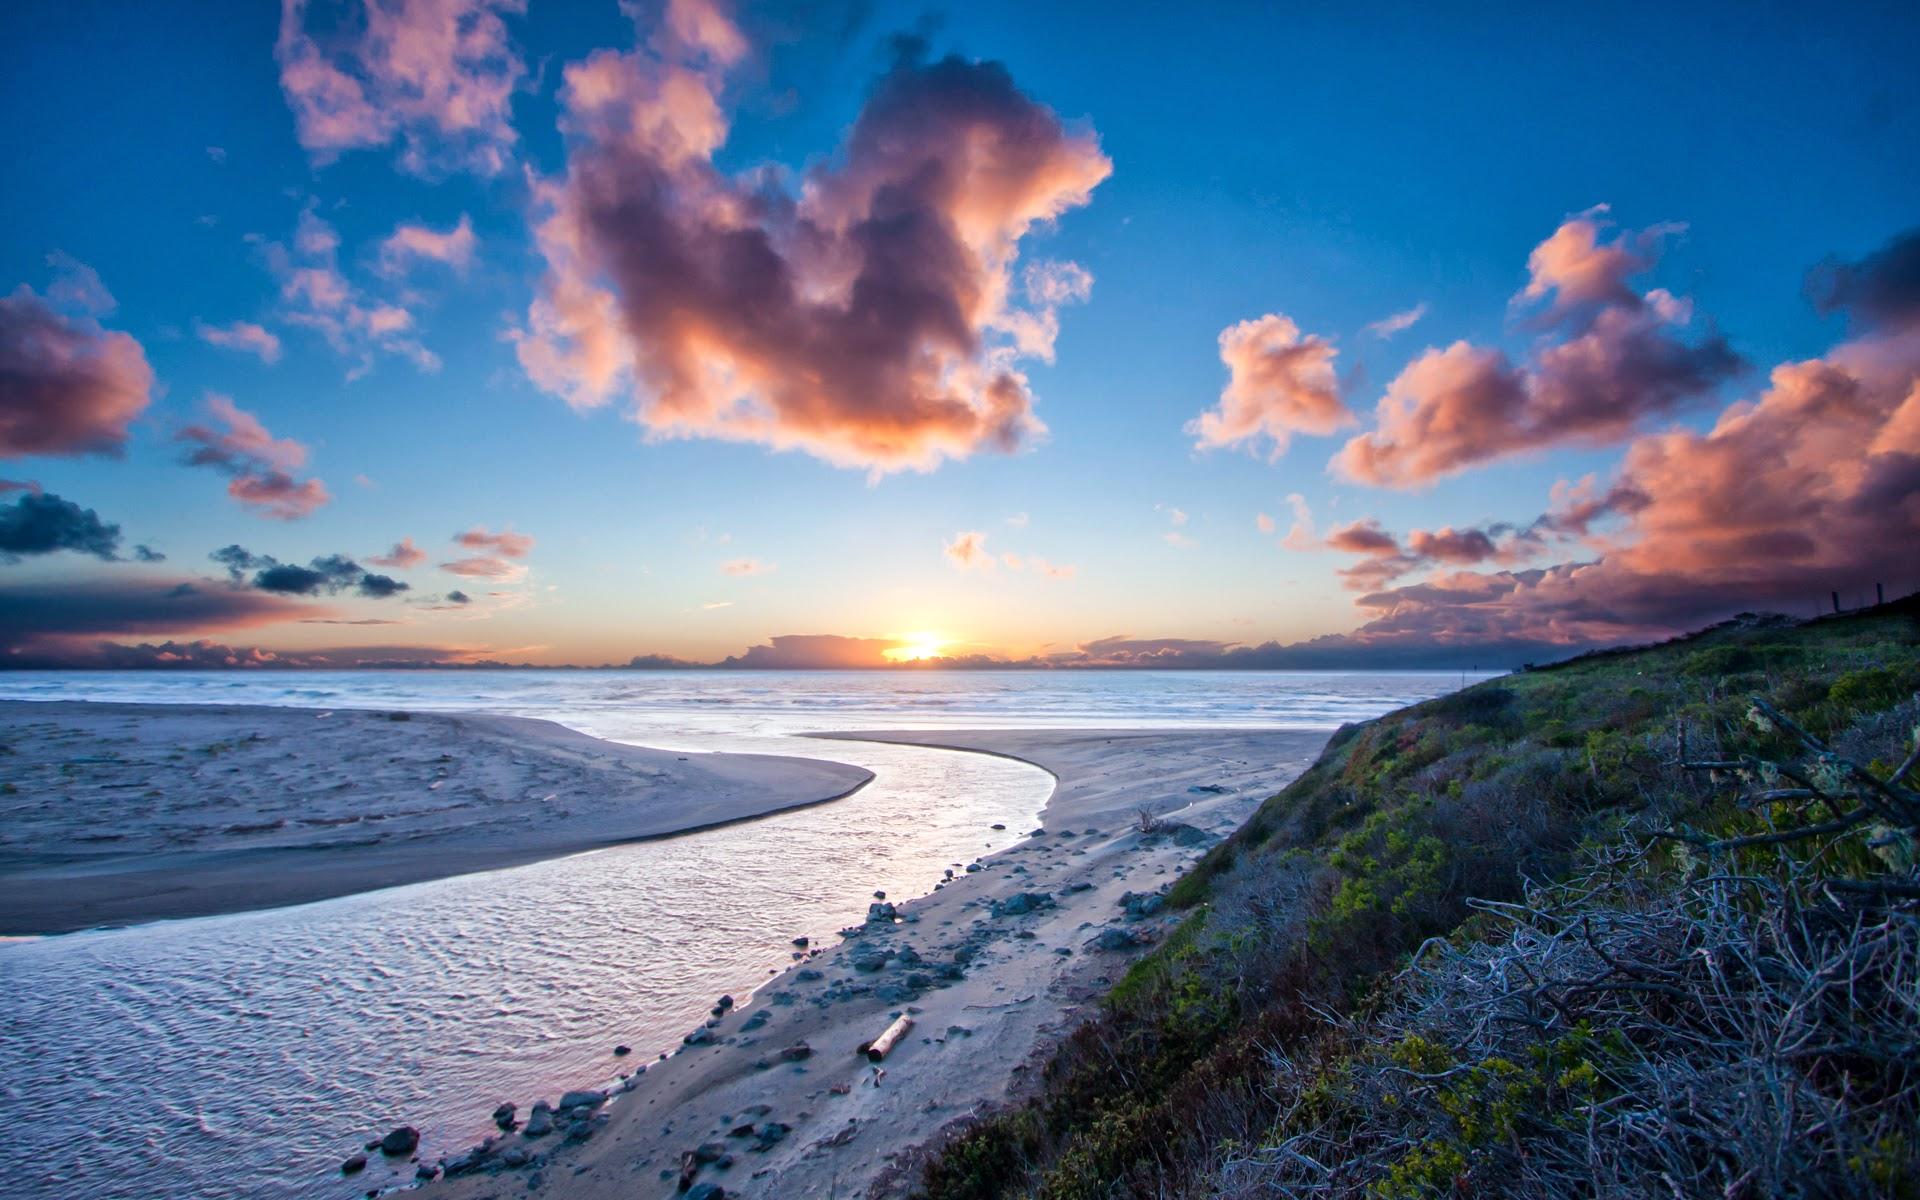 ảnh thiên nhiên đẹp 3d ảnh thiên nhiên đẹp việt nam ảnh thiên nhiên đẹp hd ảnh thiên nhiên đẹp nhất thế giới ảnh thiên nhiên đẹp chất lượng cao ảnh thiên ...